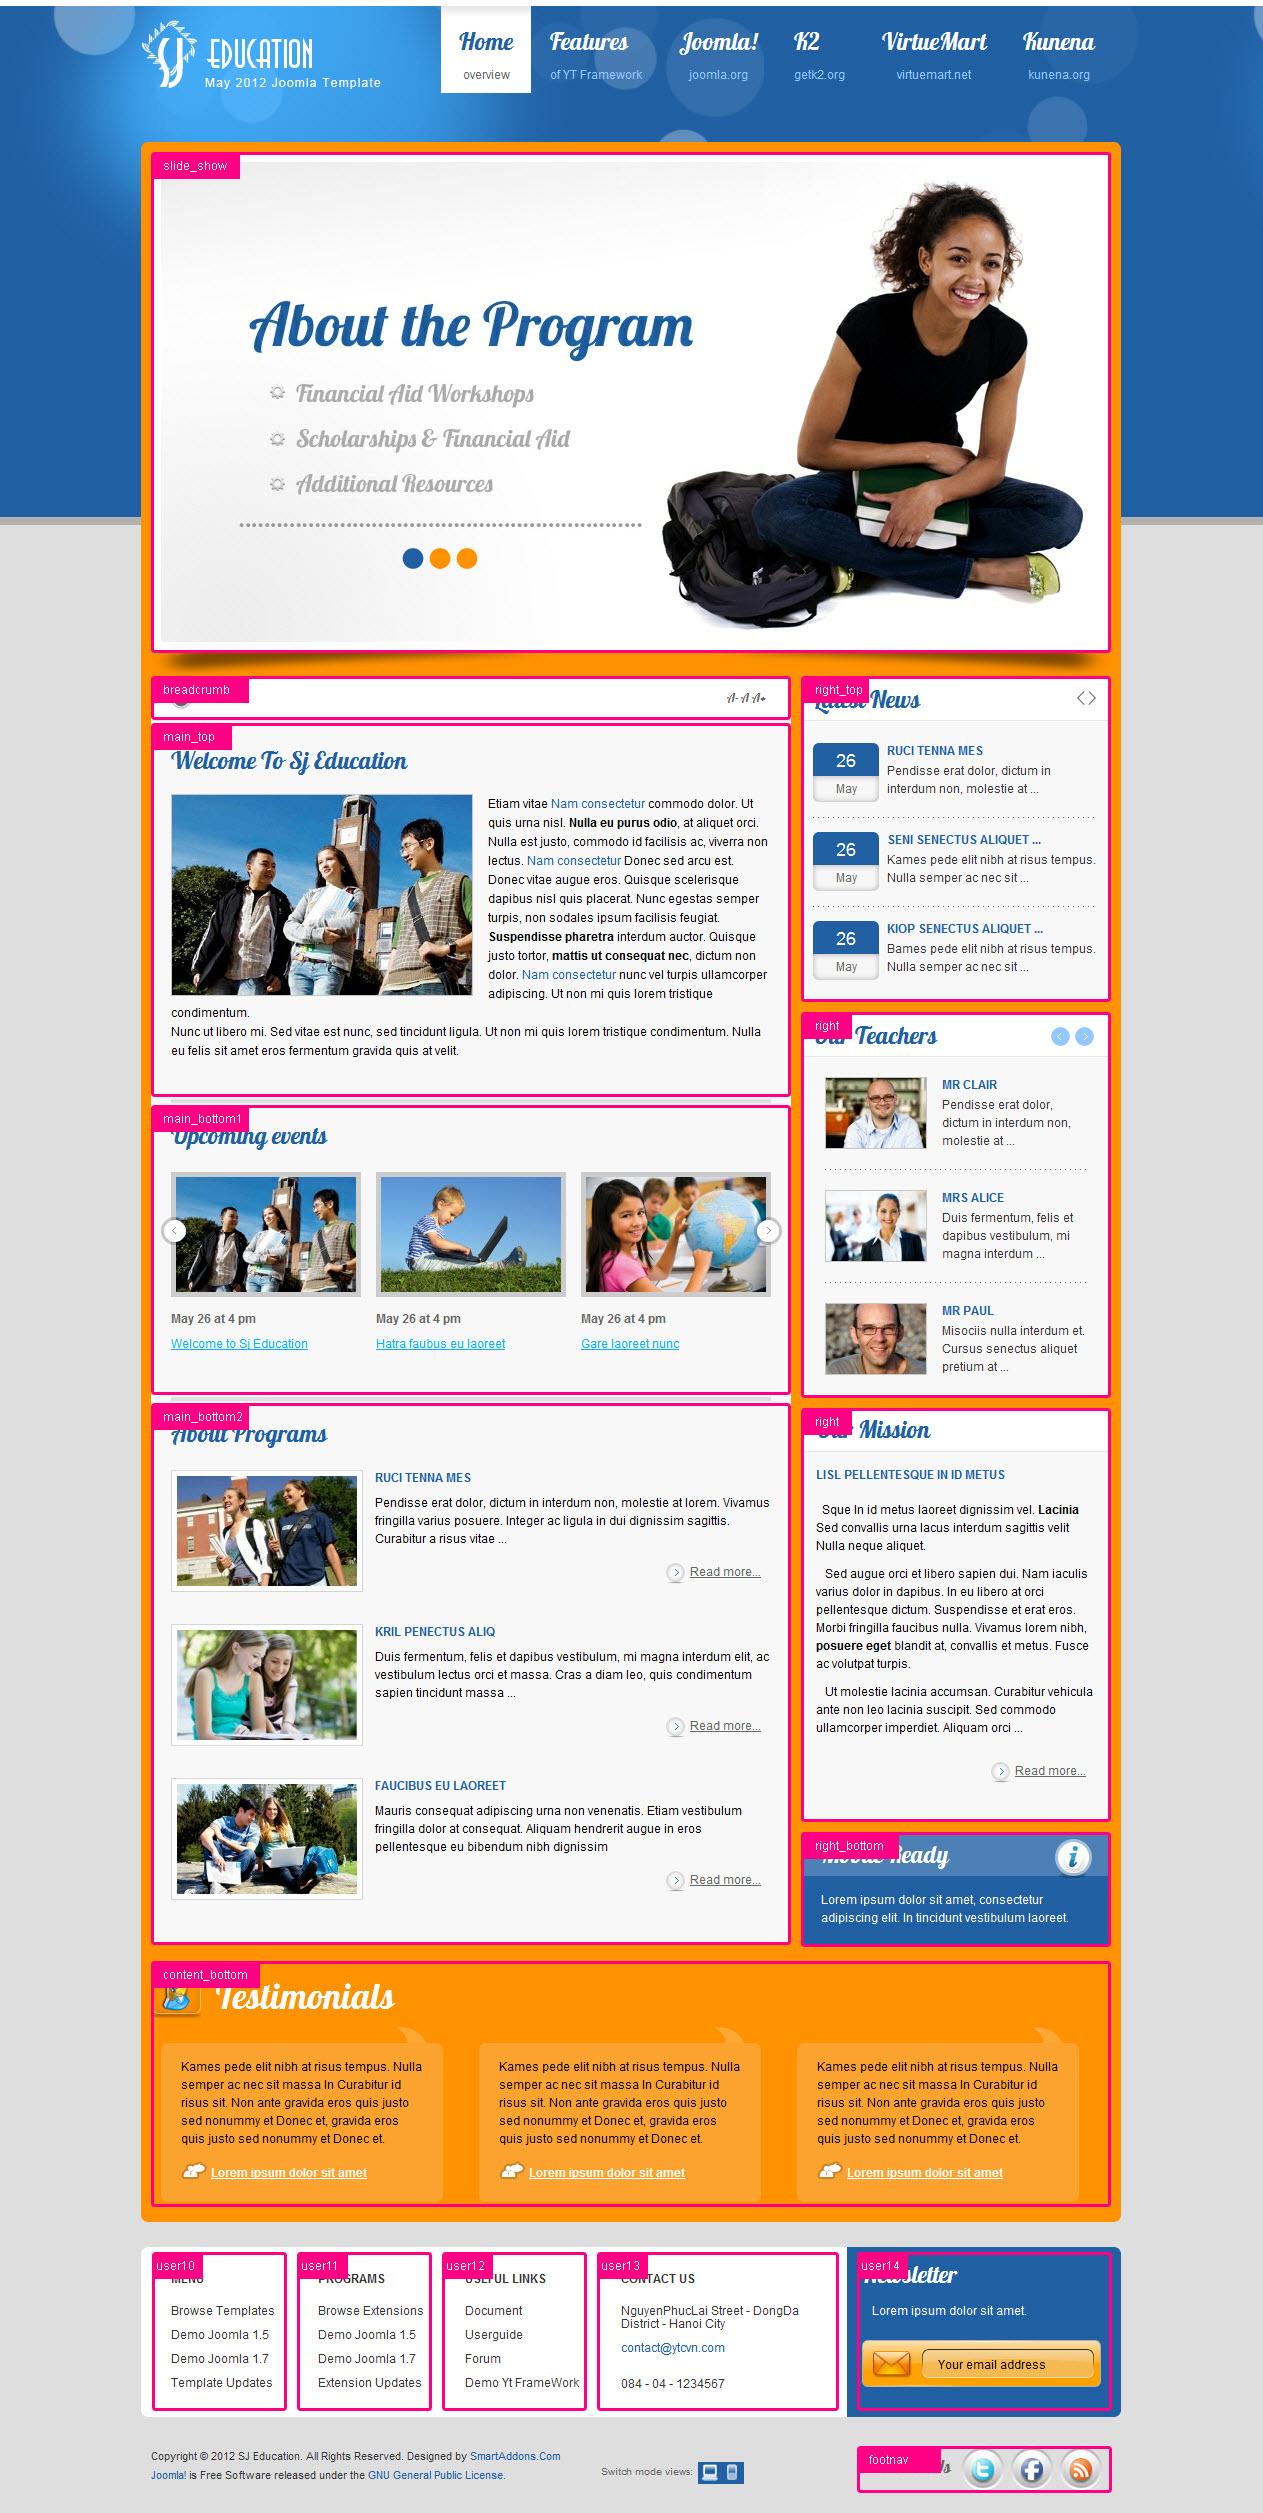 Education Joomla Templates Joomla Education Template - SJ Education